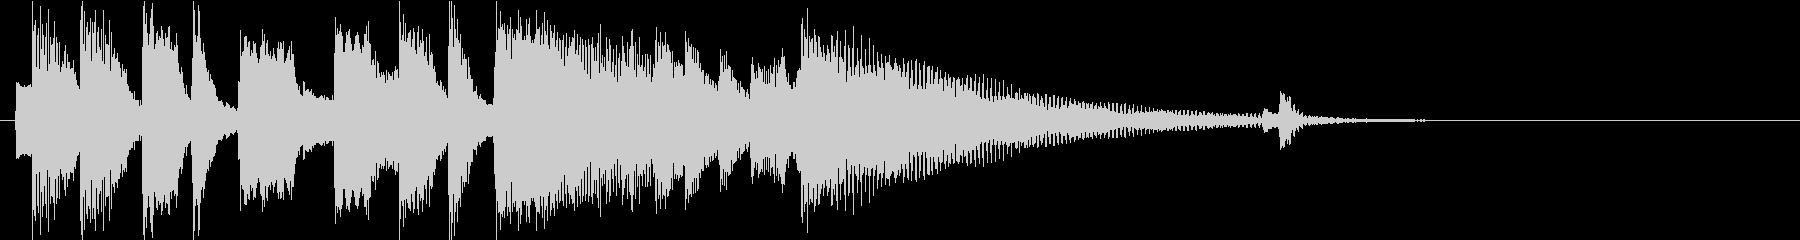 シンプルなエレピのアイキャッチの未再生の波形